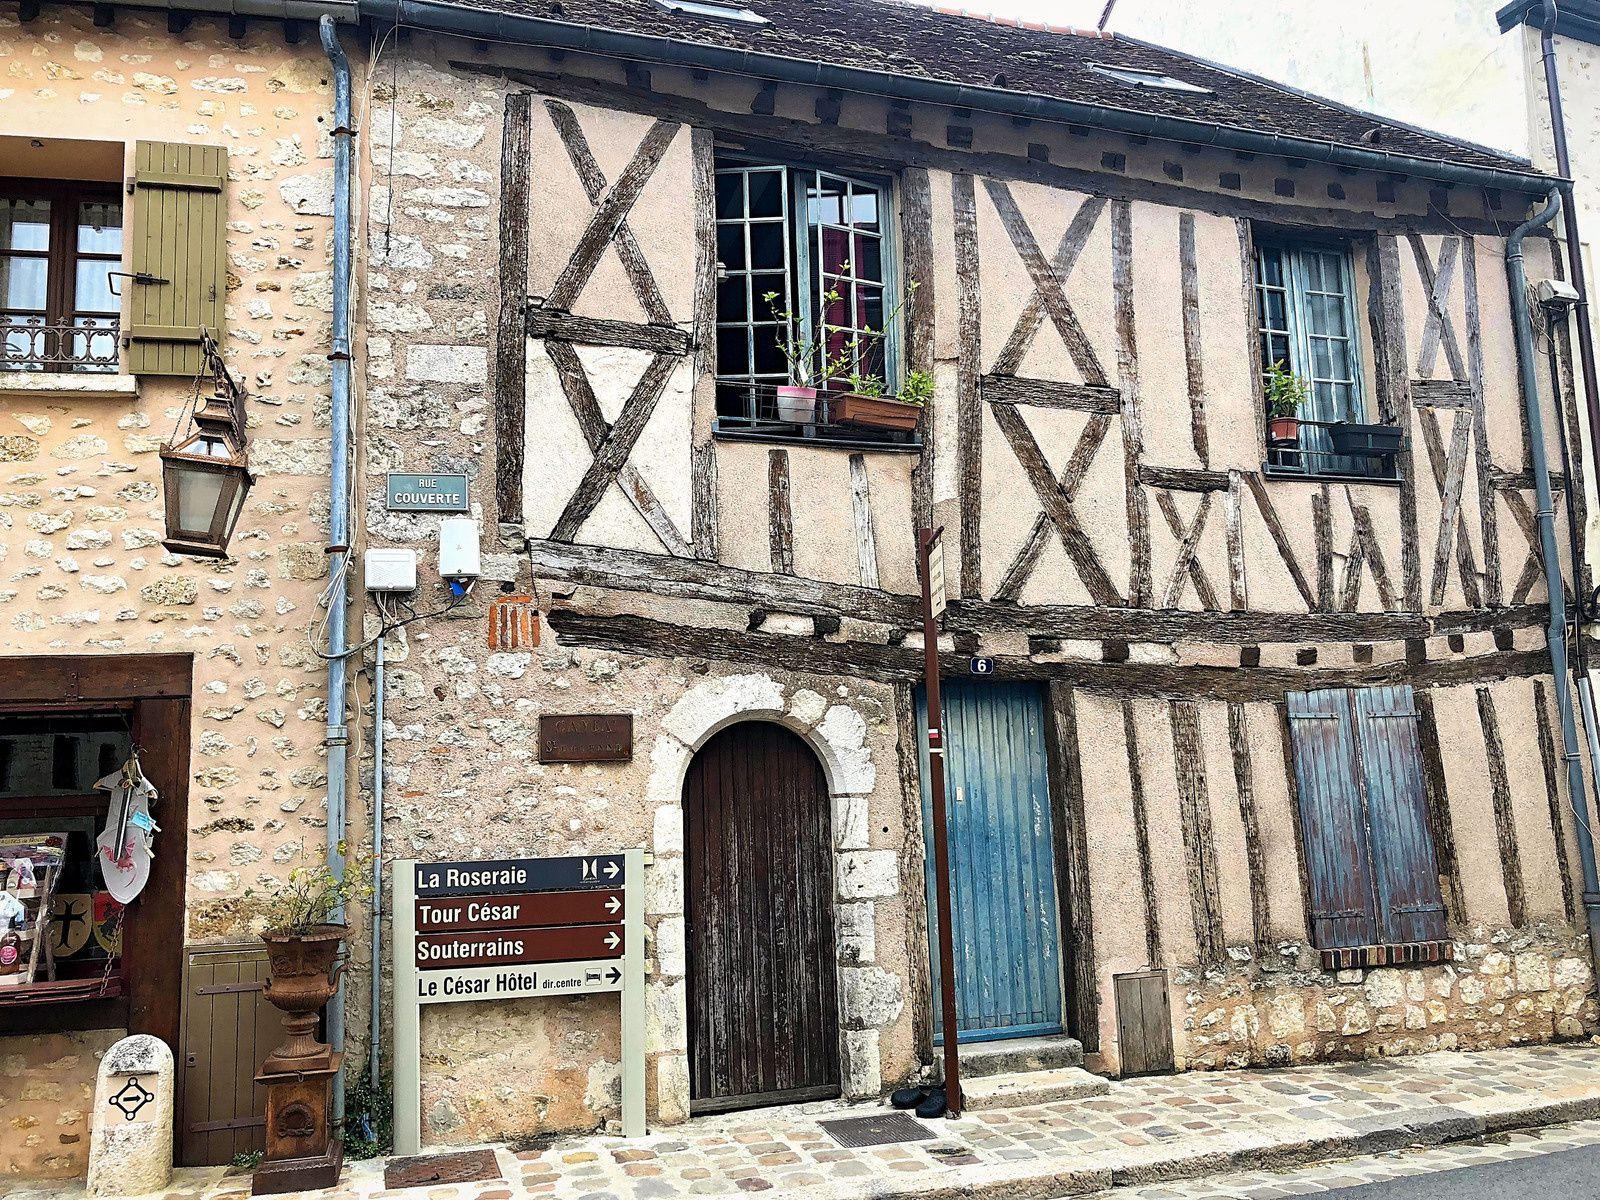 Journée dans la Cité Médiévale de Provins